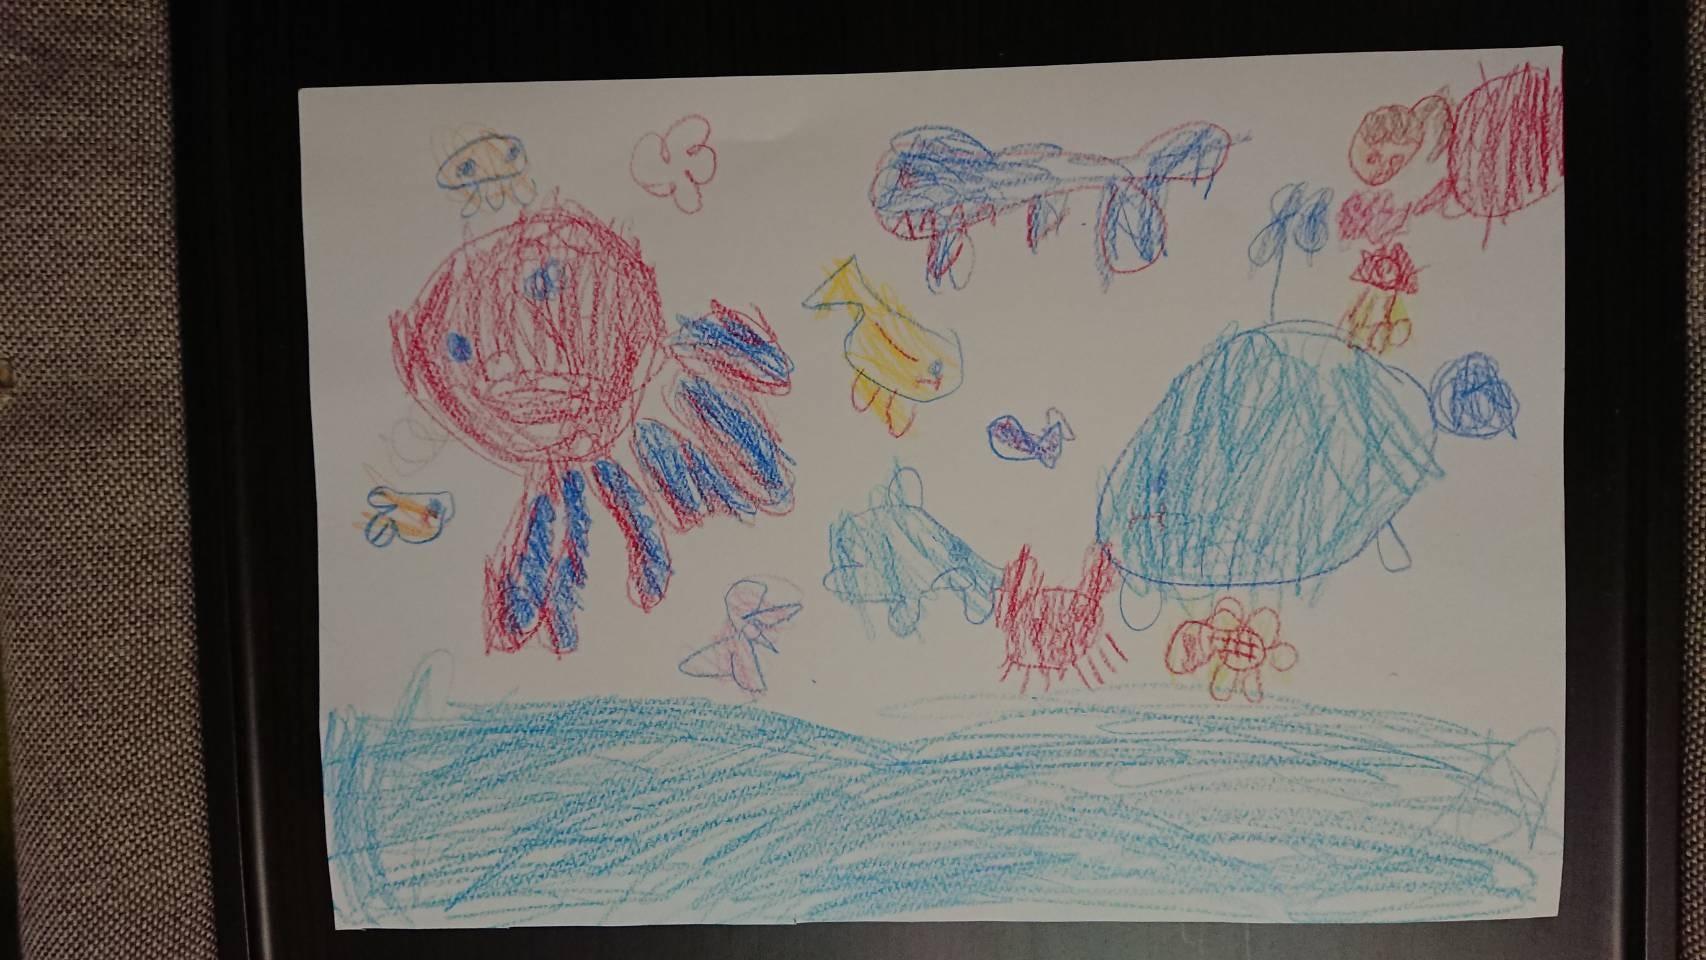 16野沢もあ1年 ひろーい海でクジラのせなかにのって遊びたいな